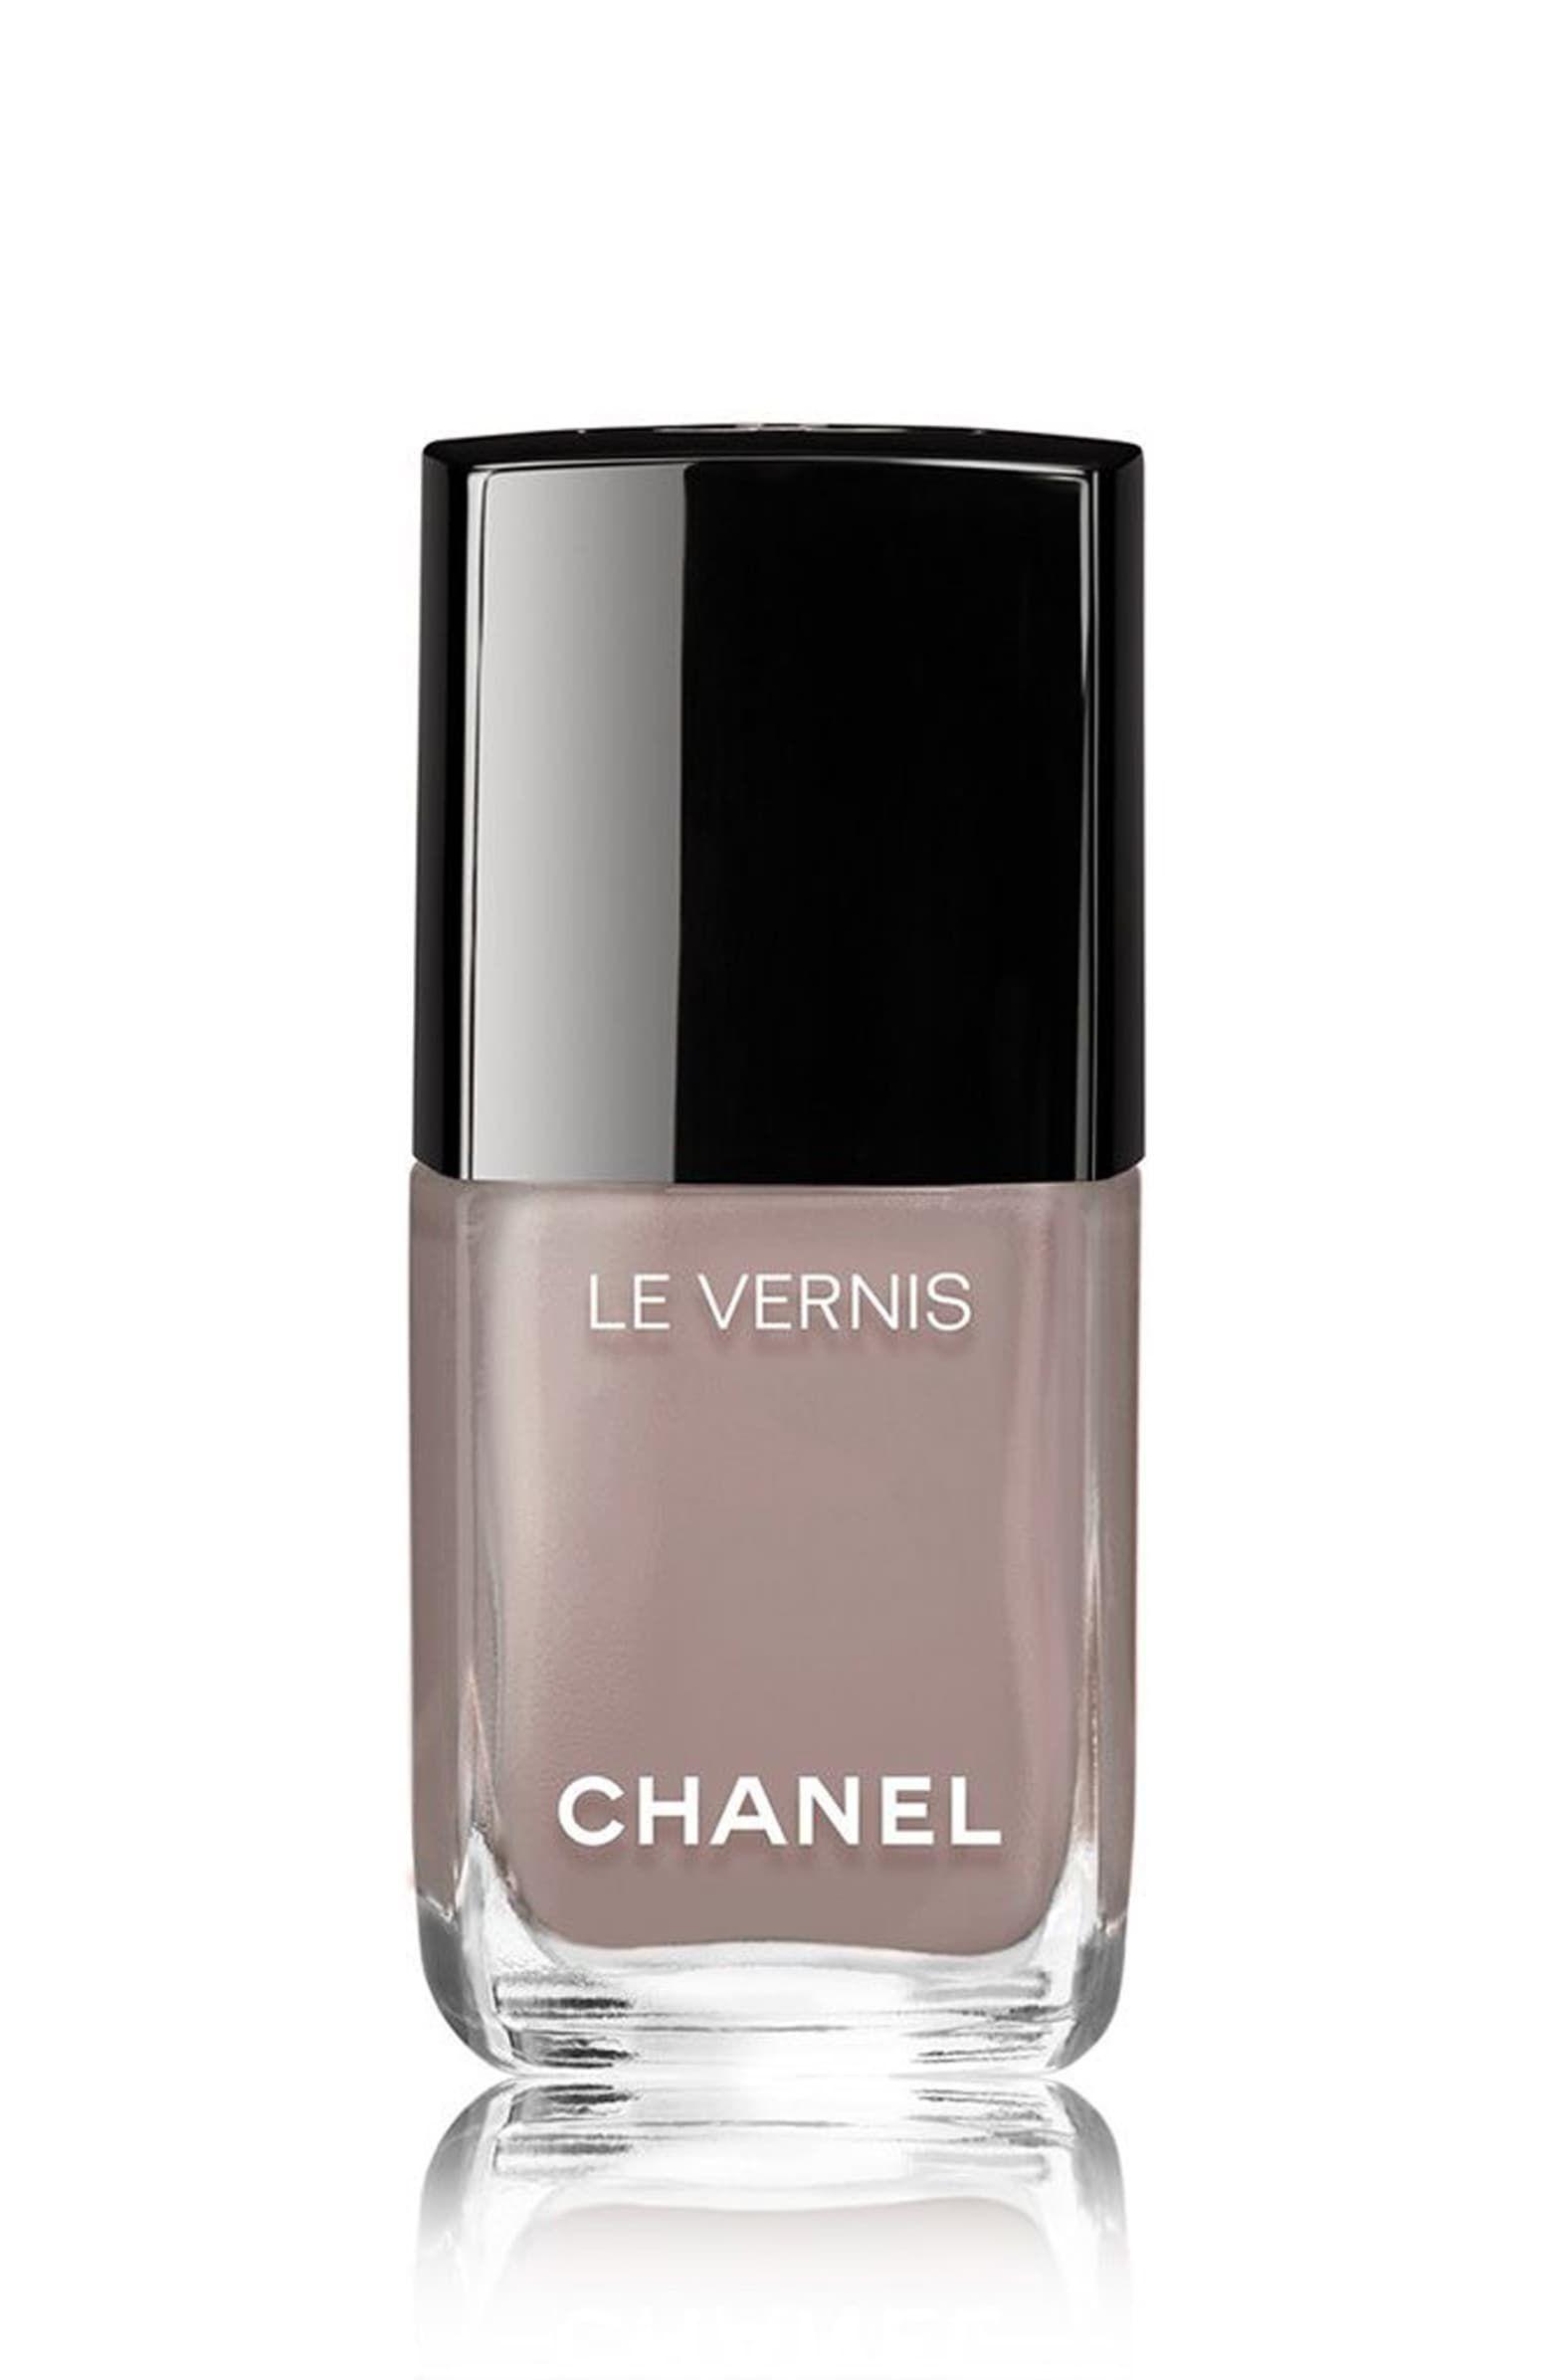 Chanel Le Vernis Grey Nail Polish